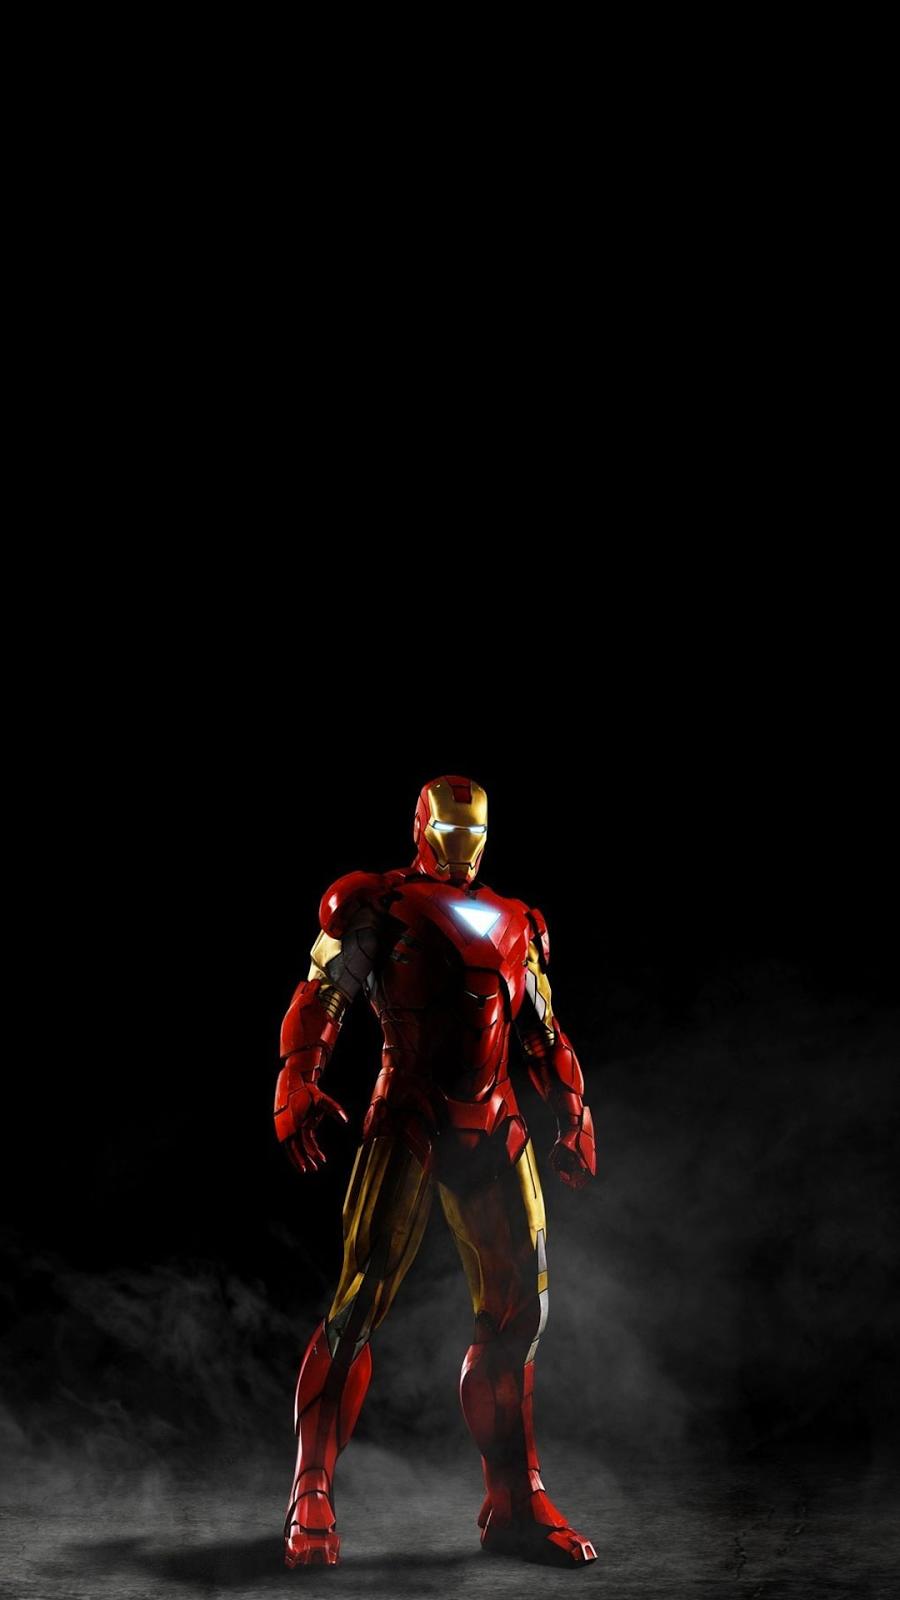 iPhone 6 Super Hero Wallpaper - WallpaperSafari